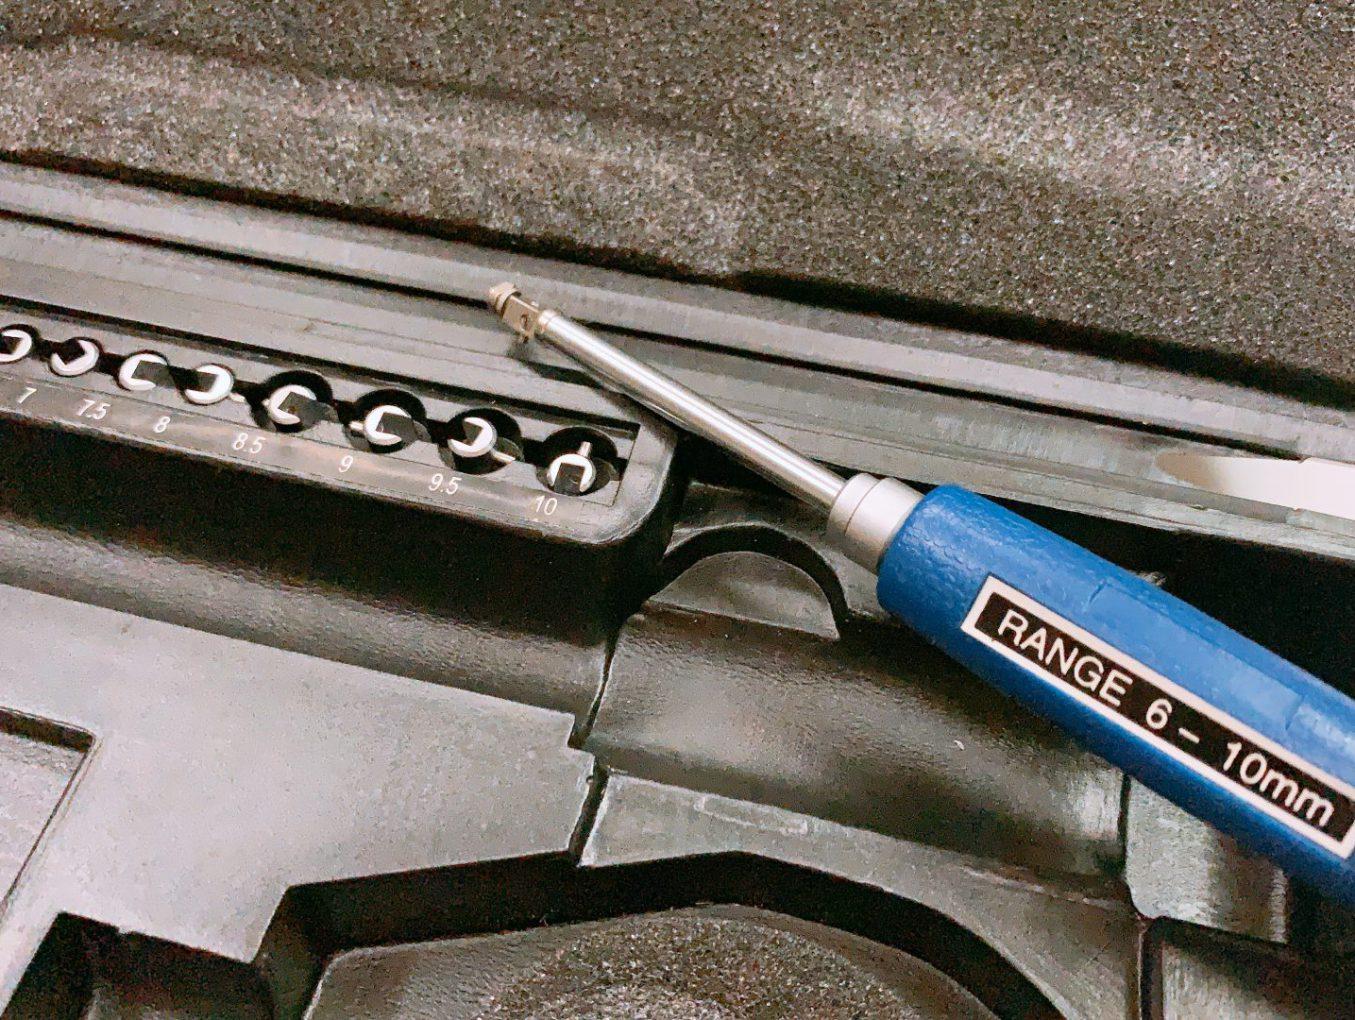 รีวิวและการใช้งานเกจวัดกระบอกสูบ Cylinder Bore Gauge